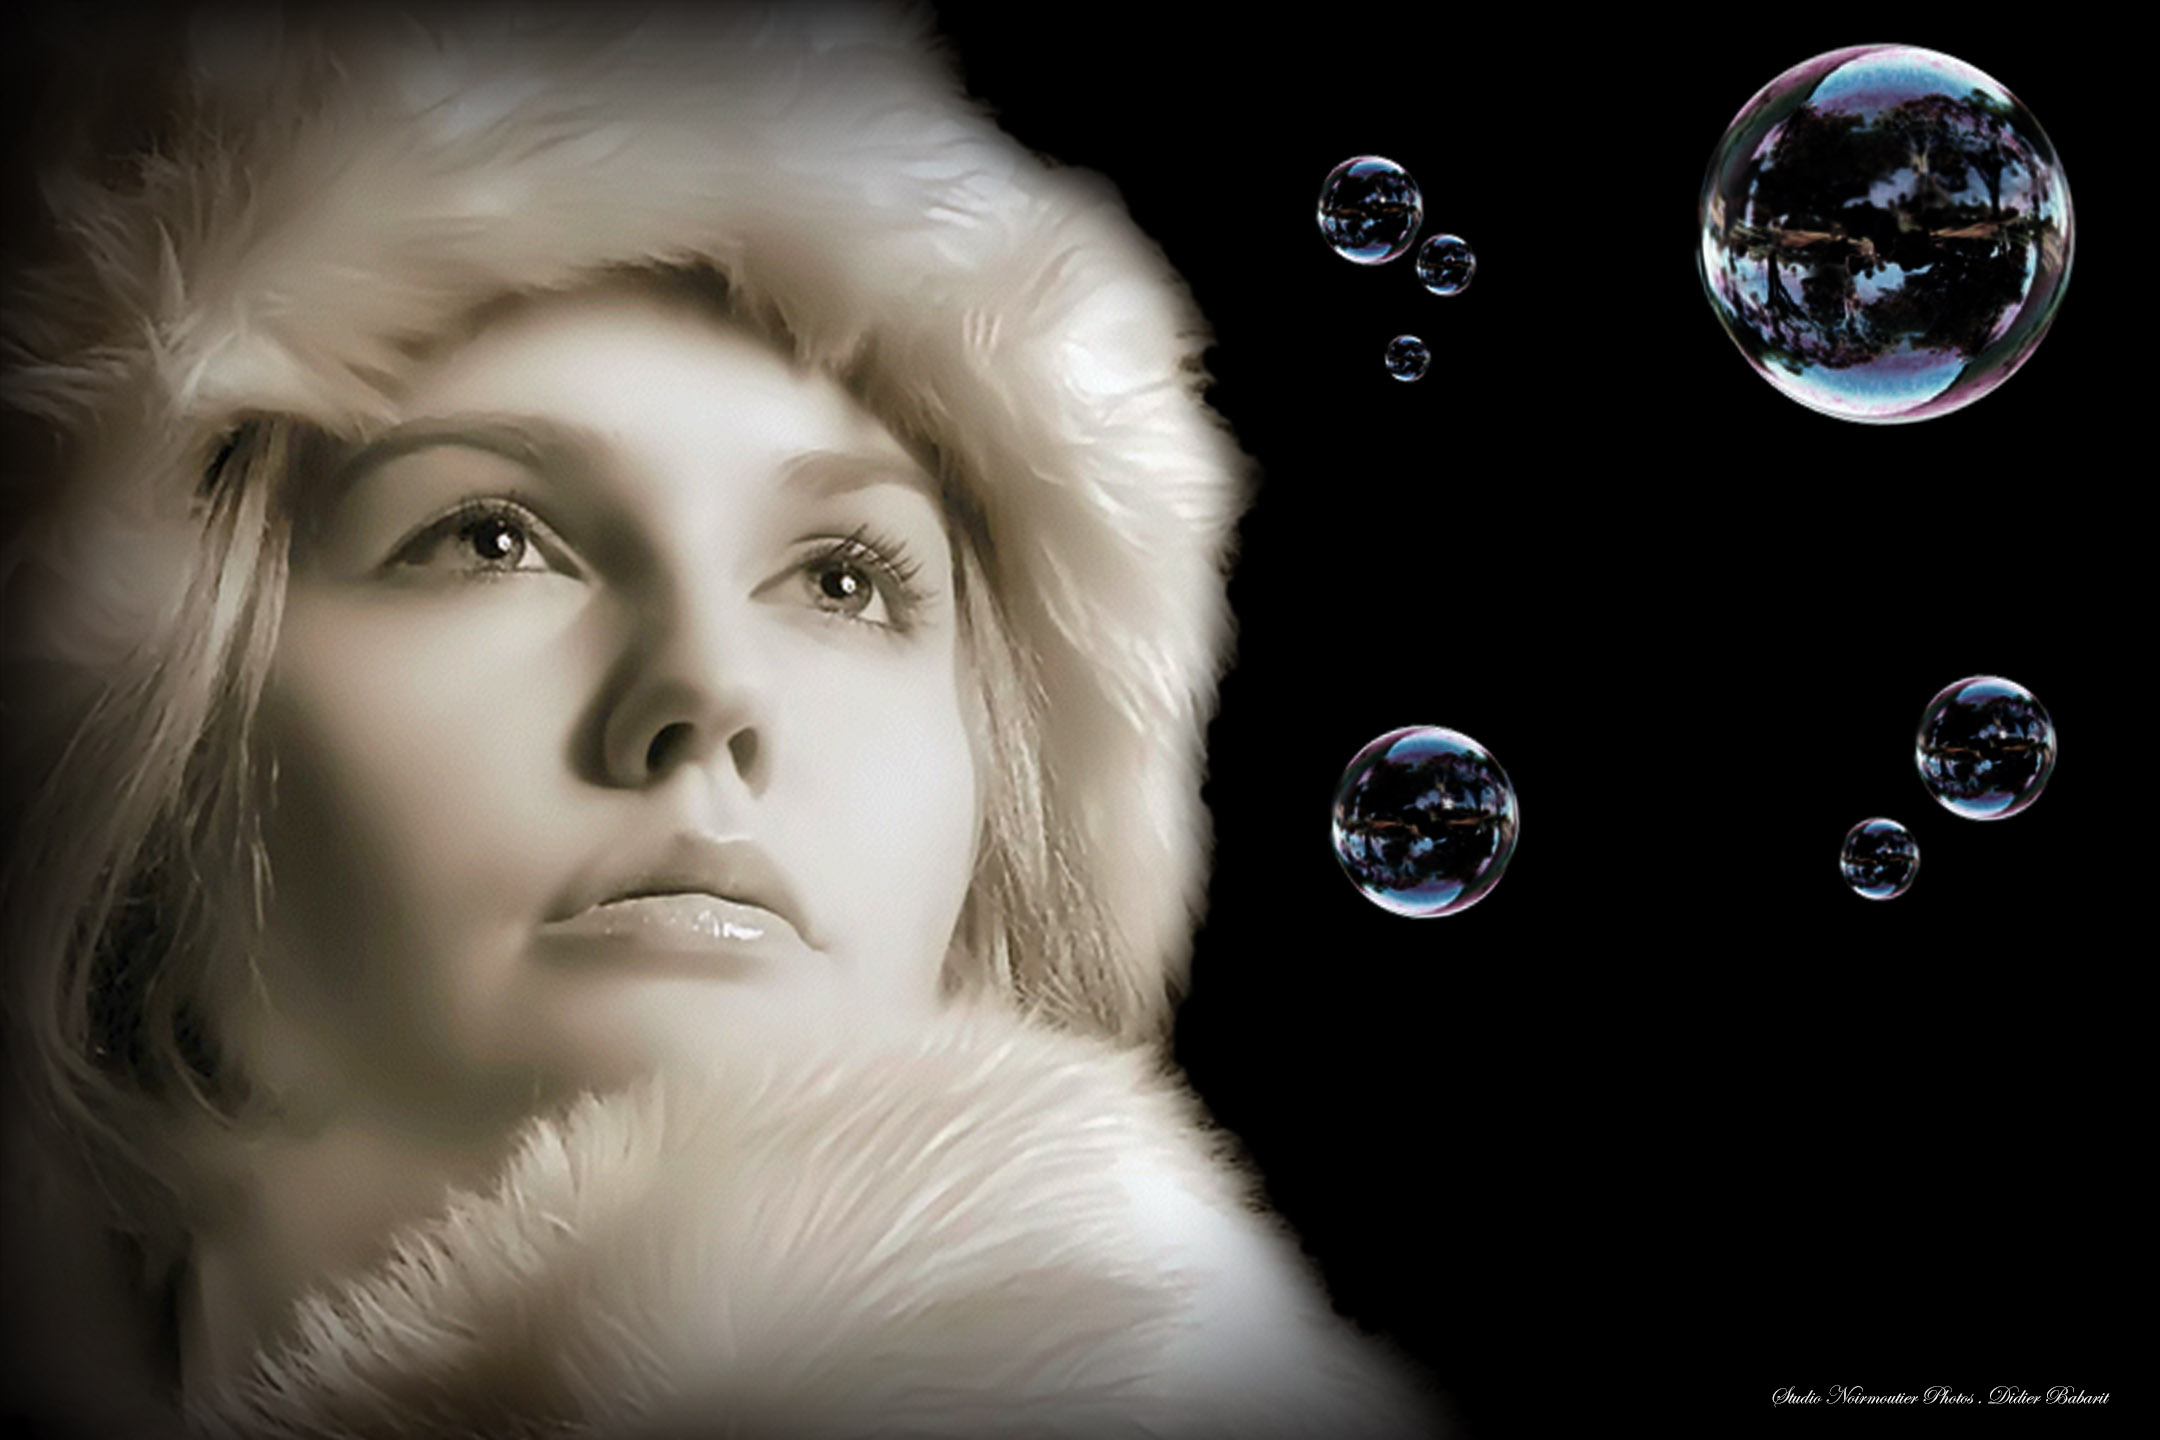 Modele femme manteau fourrure fractale bulles savon